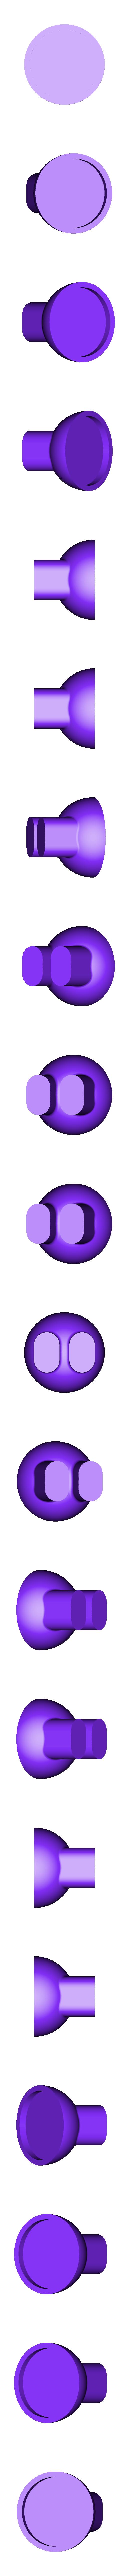 02_BAS_Click and smile_studio klipsi V1.1.stl Download free STL file Action figure - CLICK & SMILE - Starter pack • Model to 3D print, StudioKlipsi